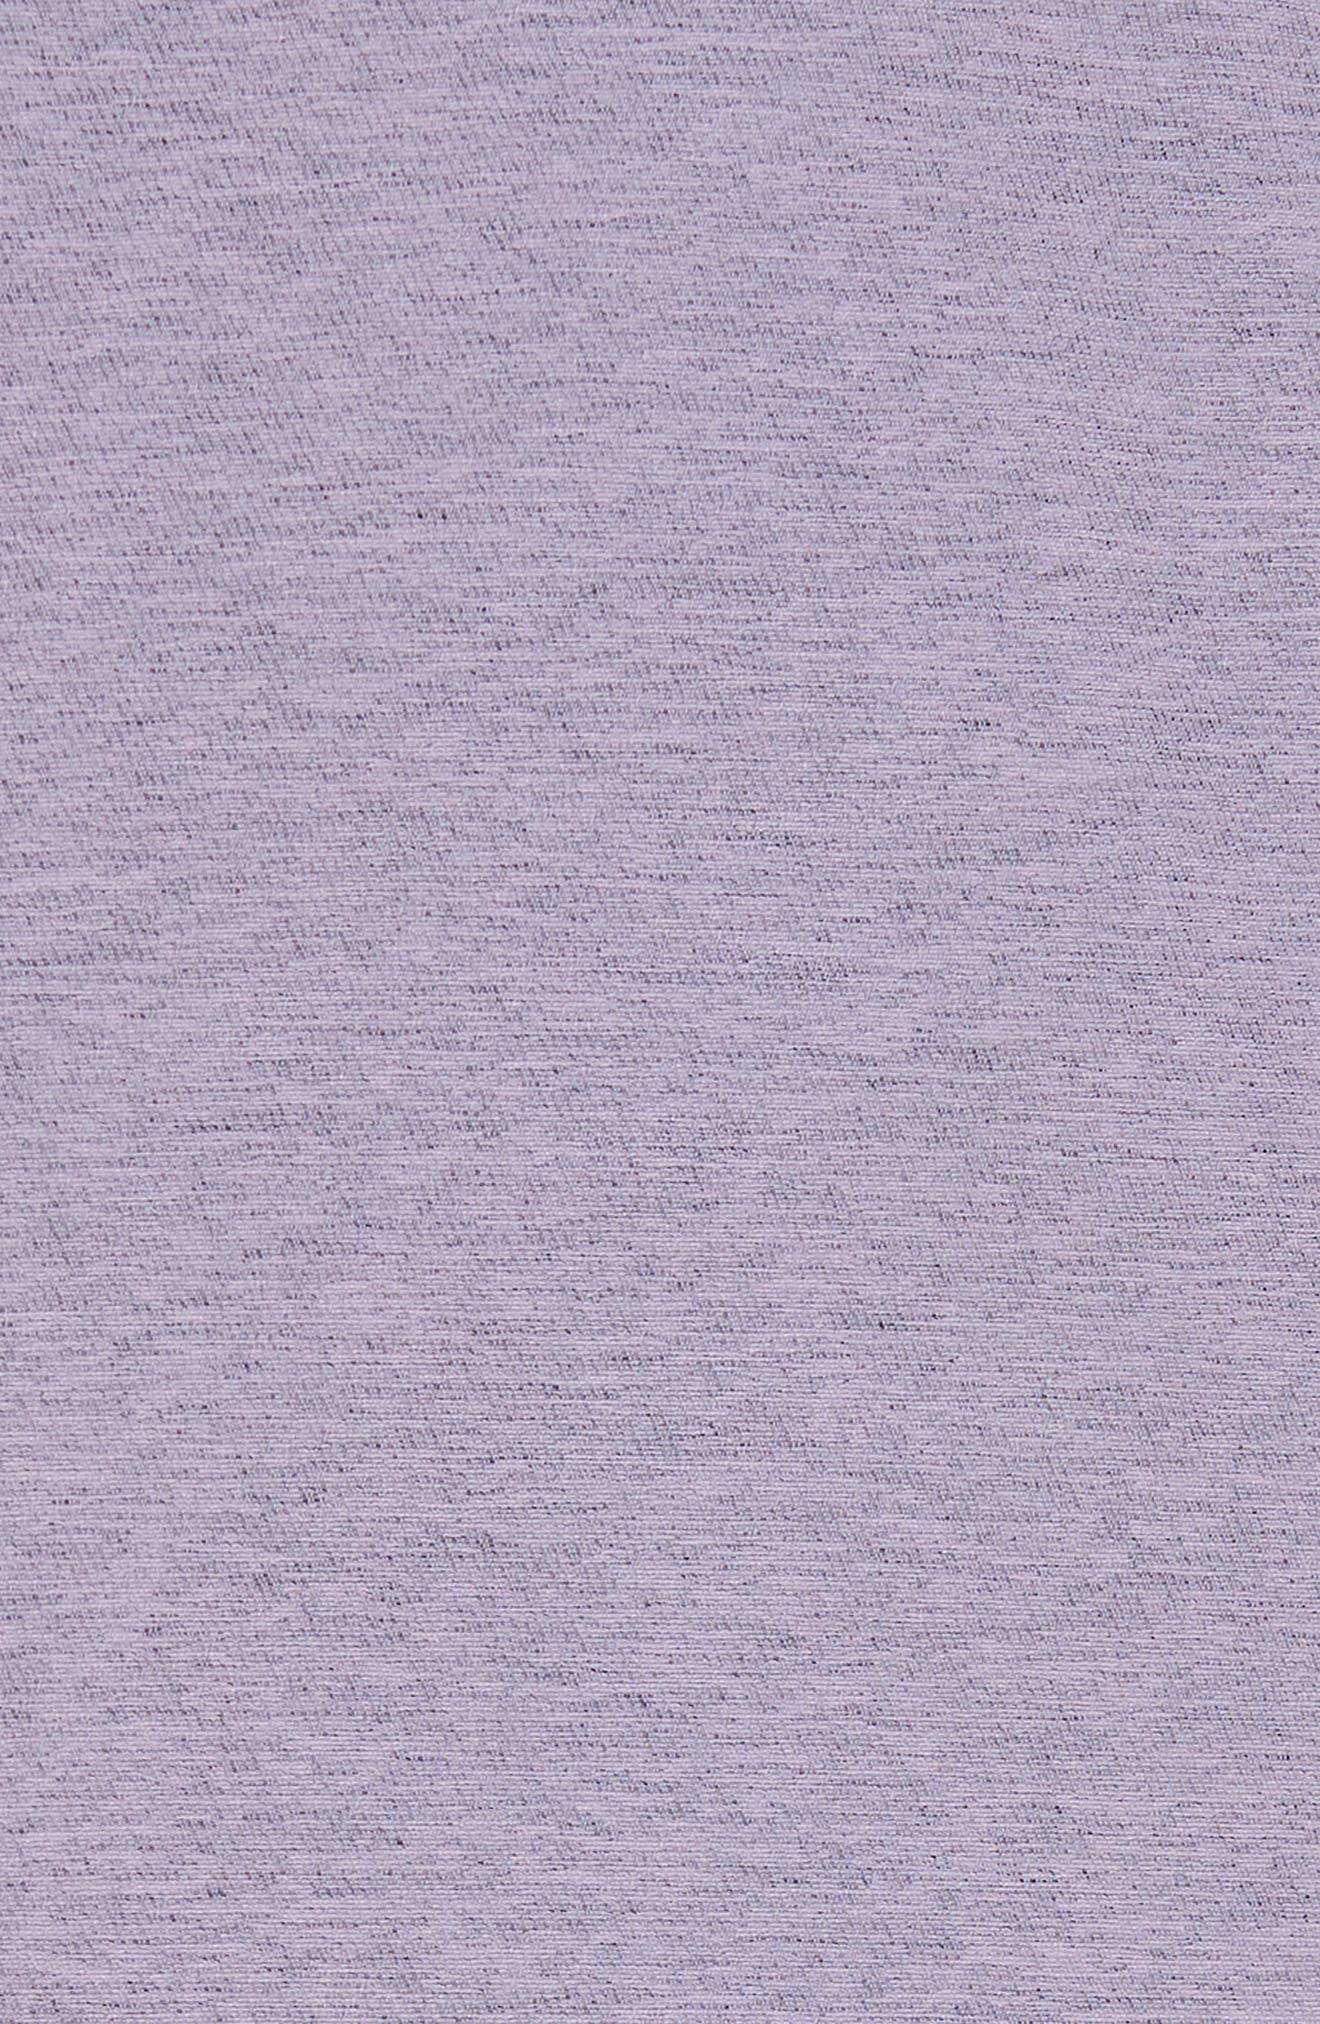 Bond Hybrid Shorts,                             Alternate thumbnail 5, color,                             Venice Purple